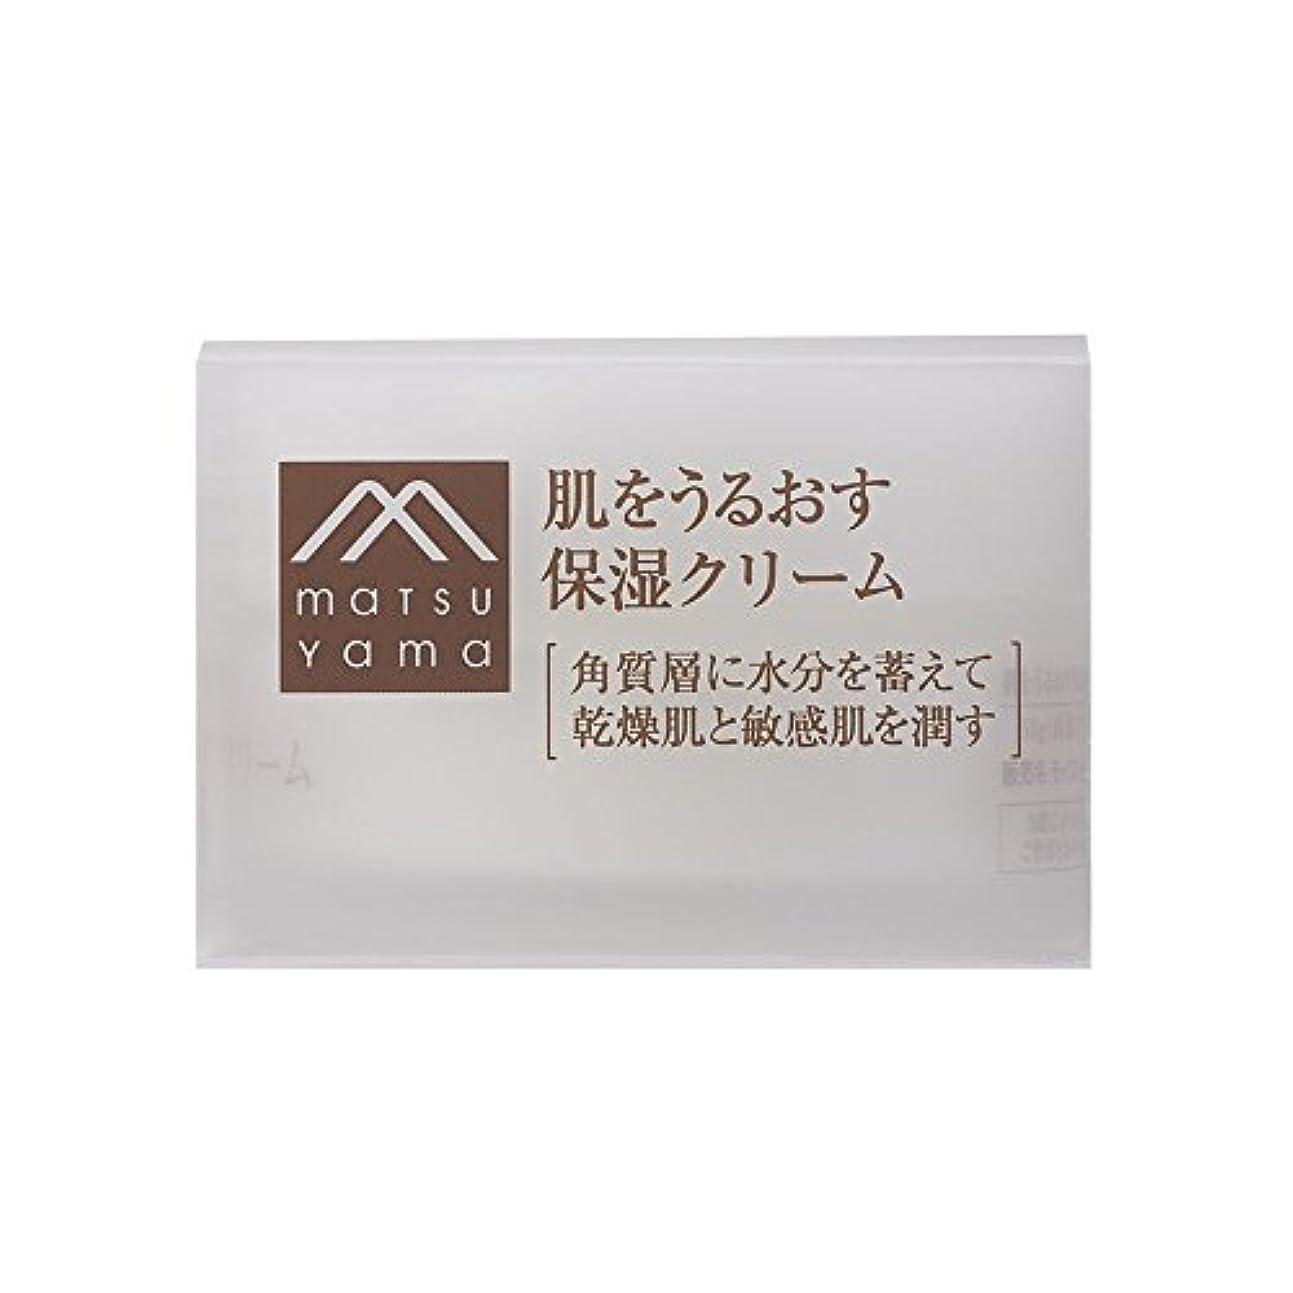 領収書インストールスコットランド人肌をうるおす保湿クリーム(クリーム) 濃厚クリーム [乾燥肌 敏感肌]